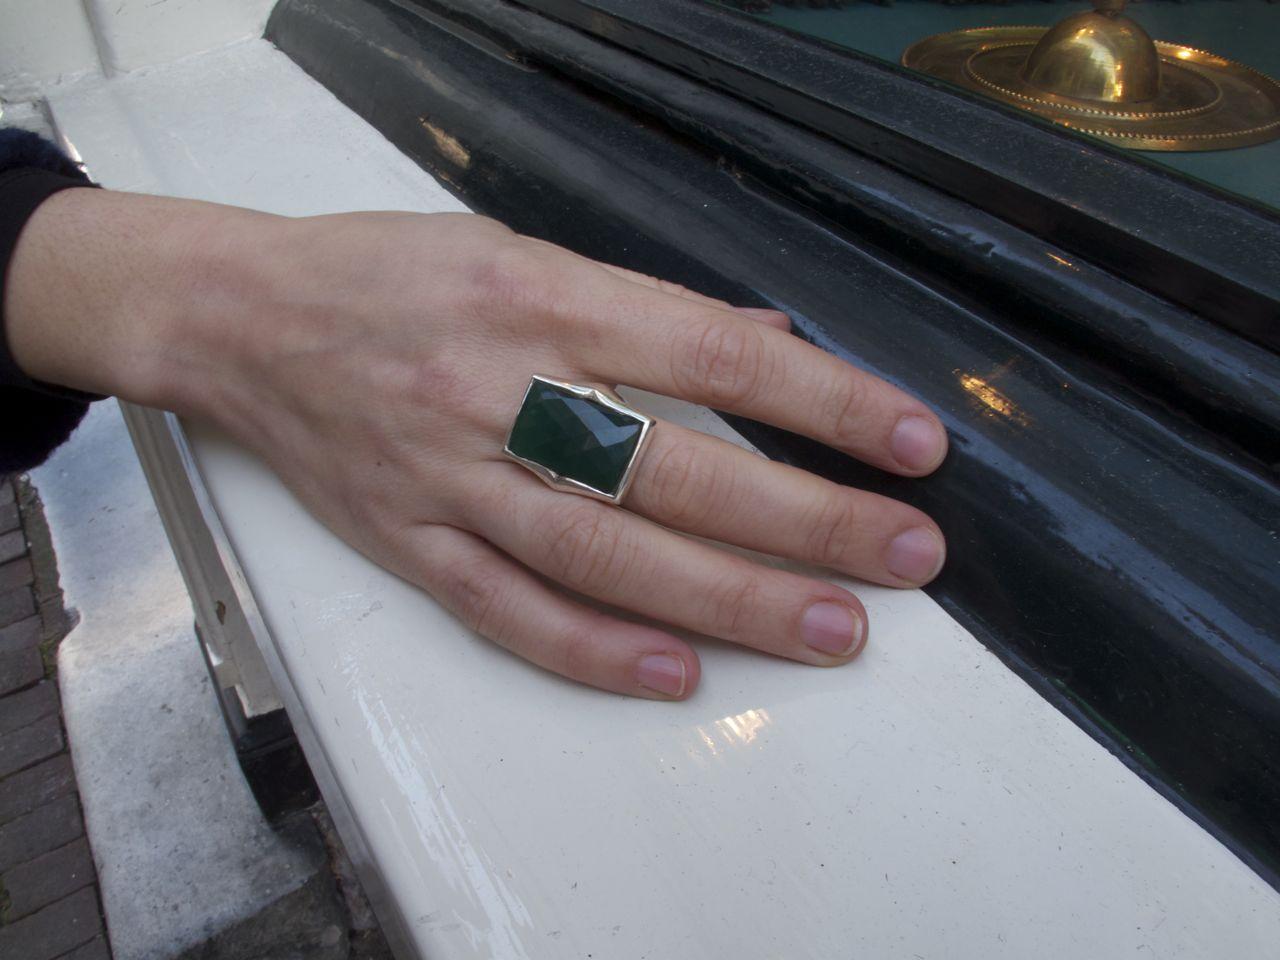 R614-Z Rechthoek Facet Geslepen Groene Onyx Ring